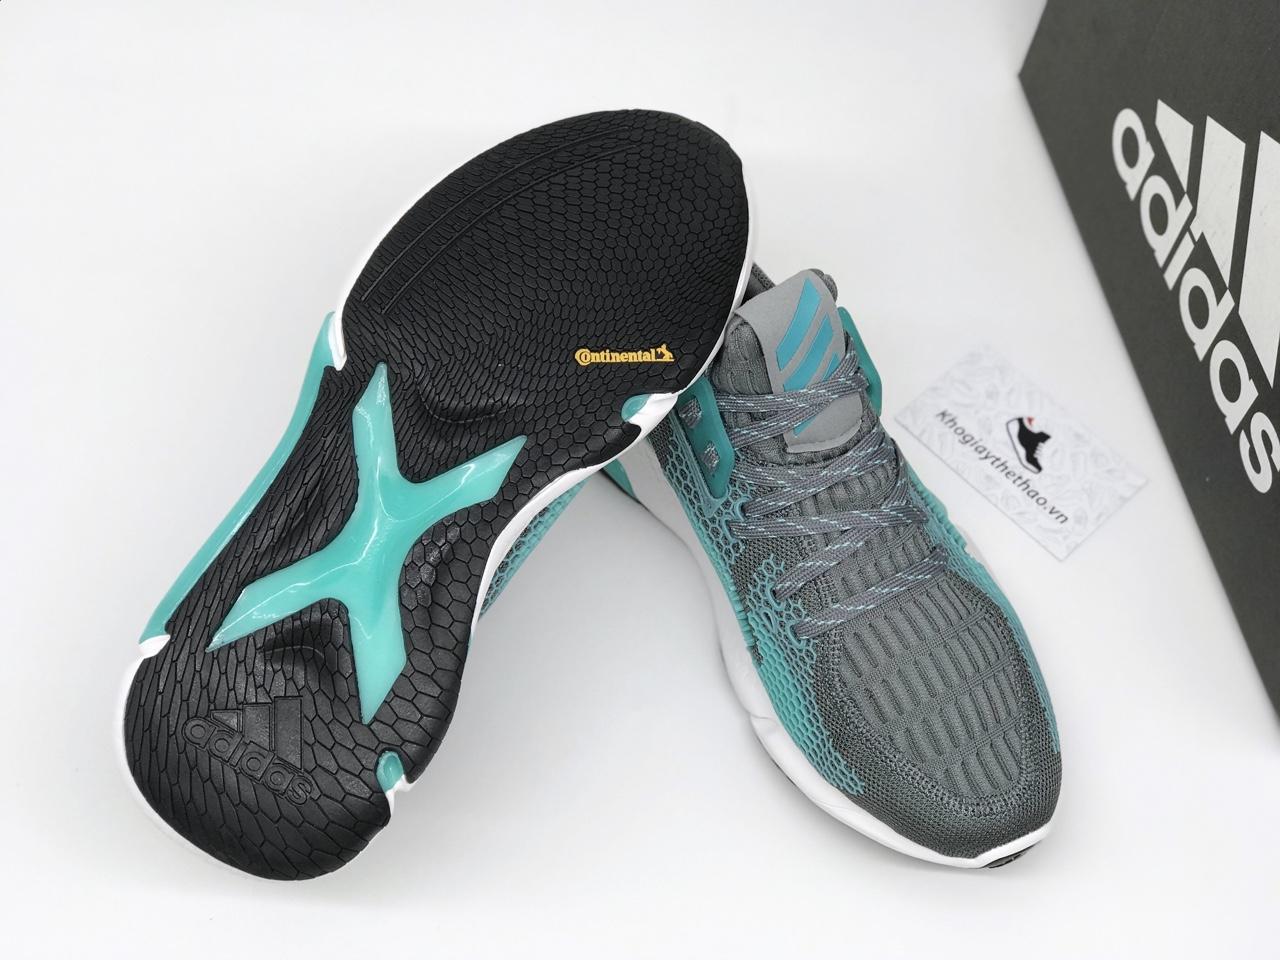 Giày Adidas Alphabounce Instinct M xám xanh rep